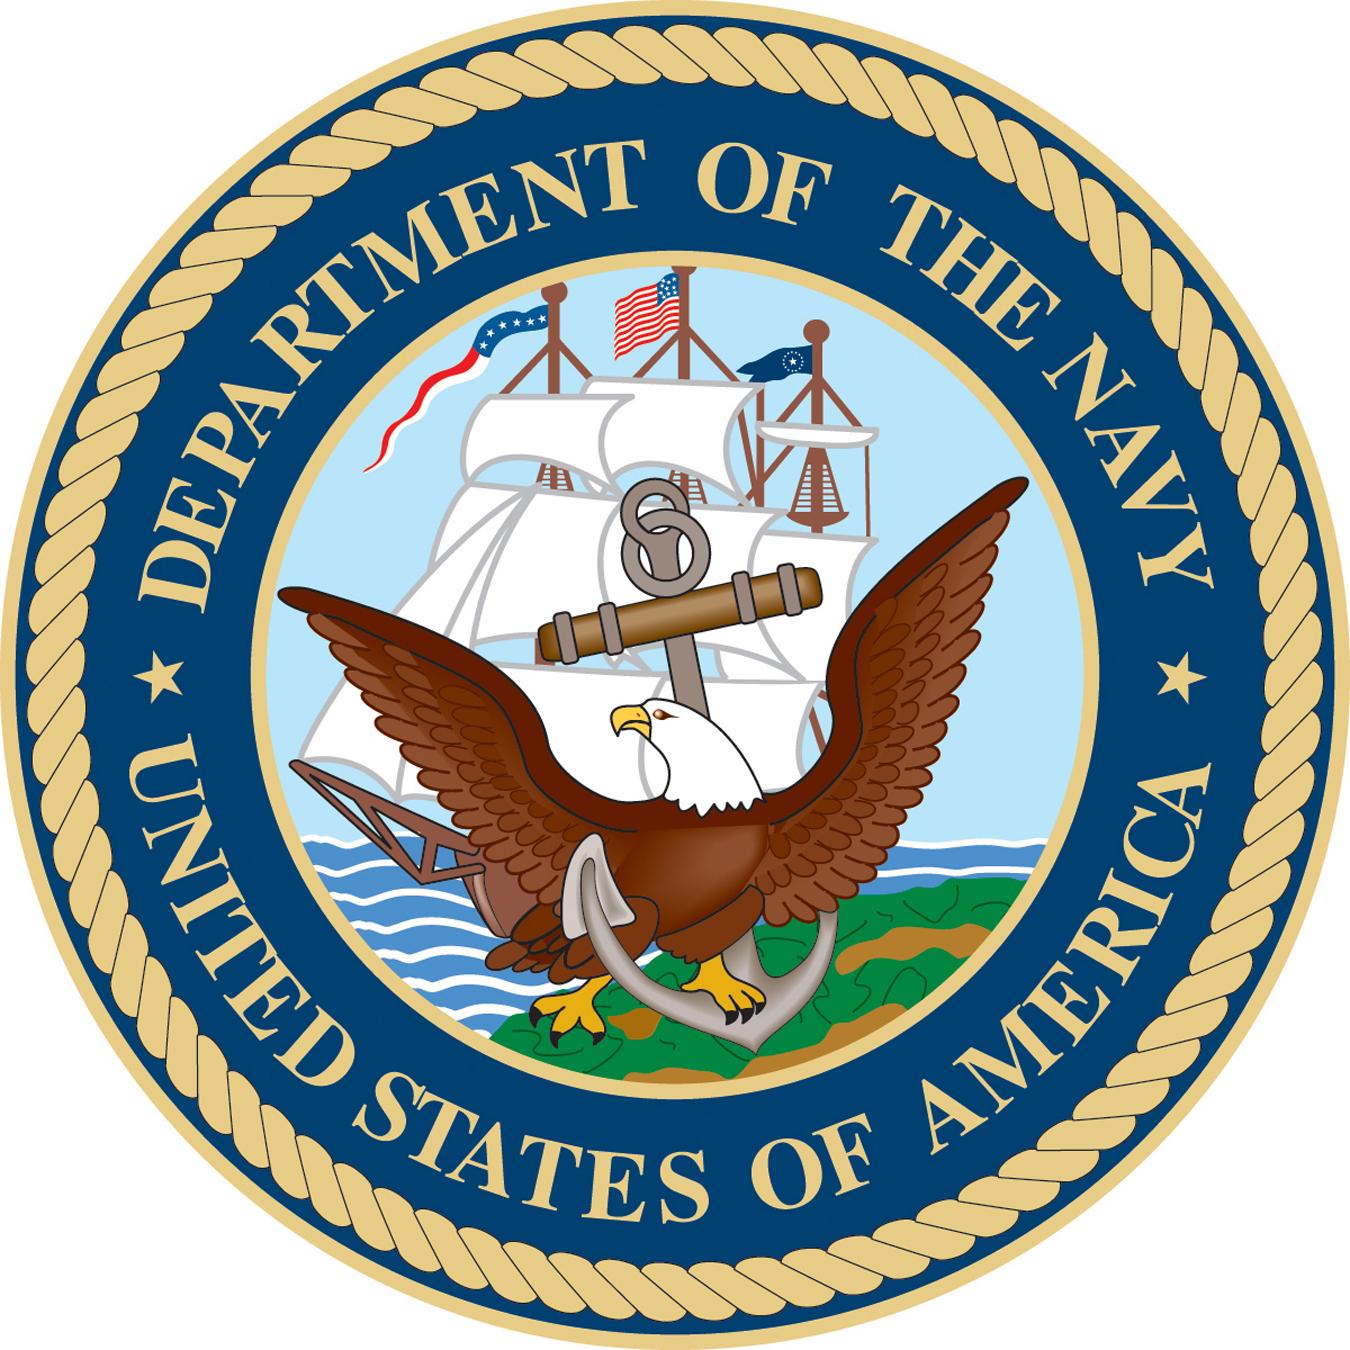 United States Navy Seals Logo N2 free image.